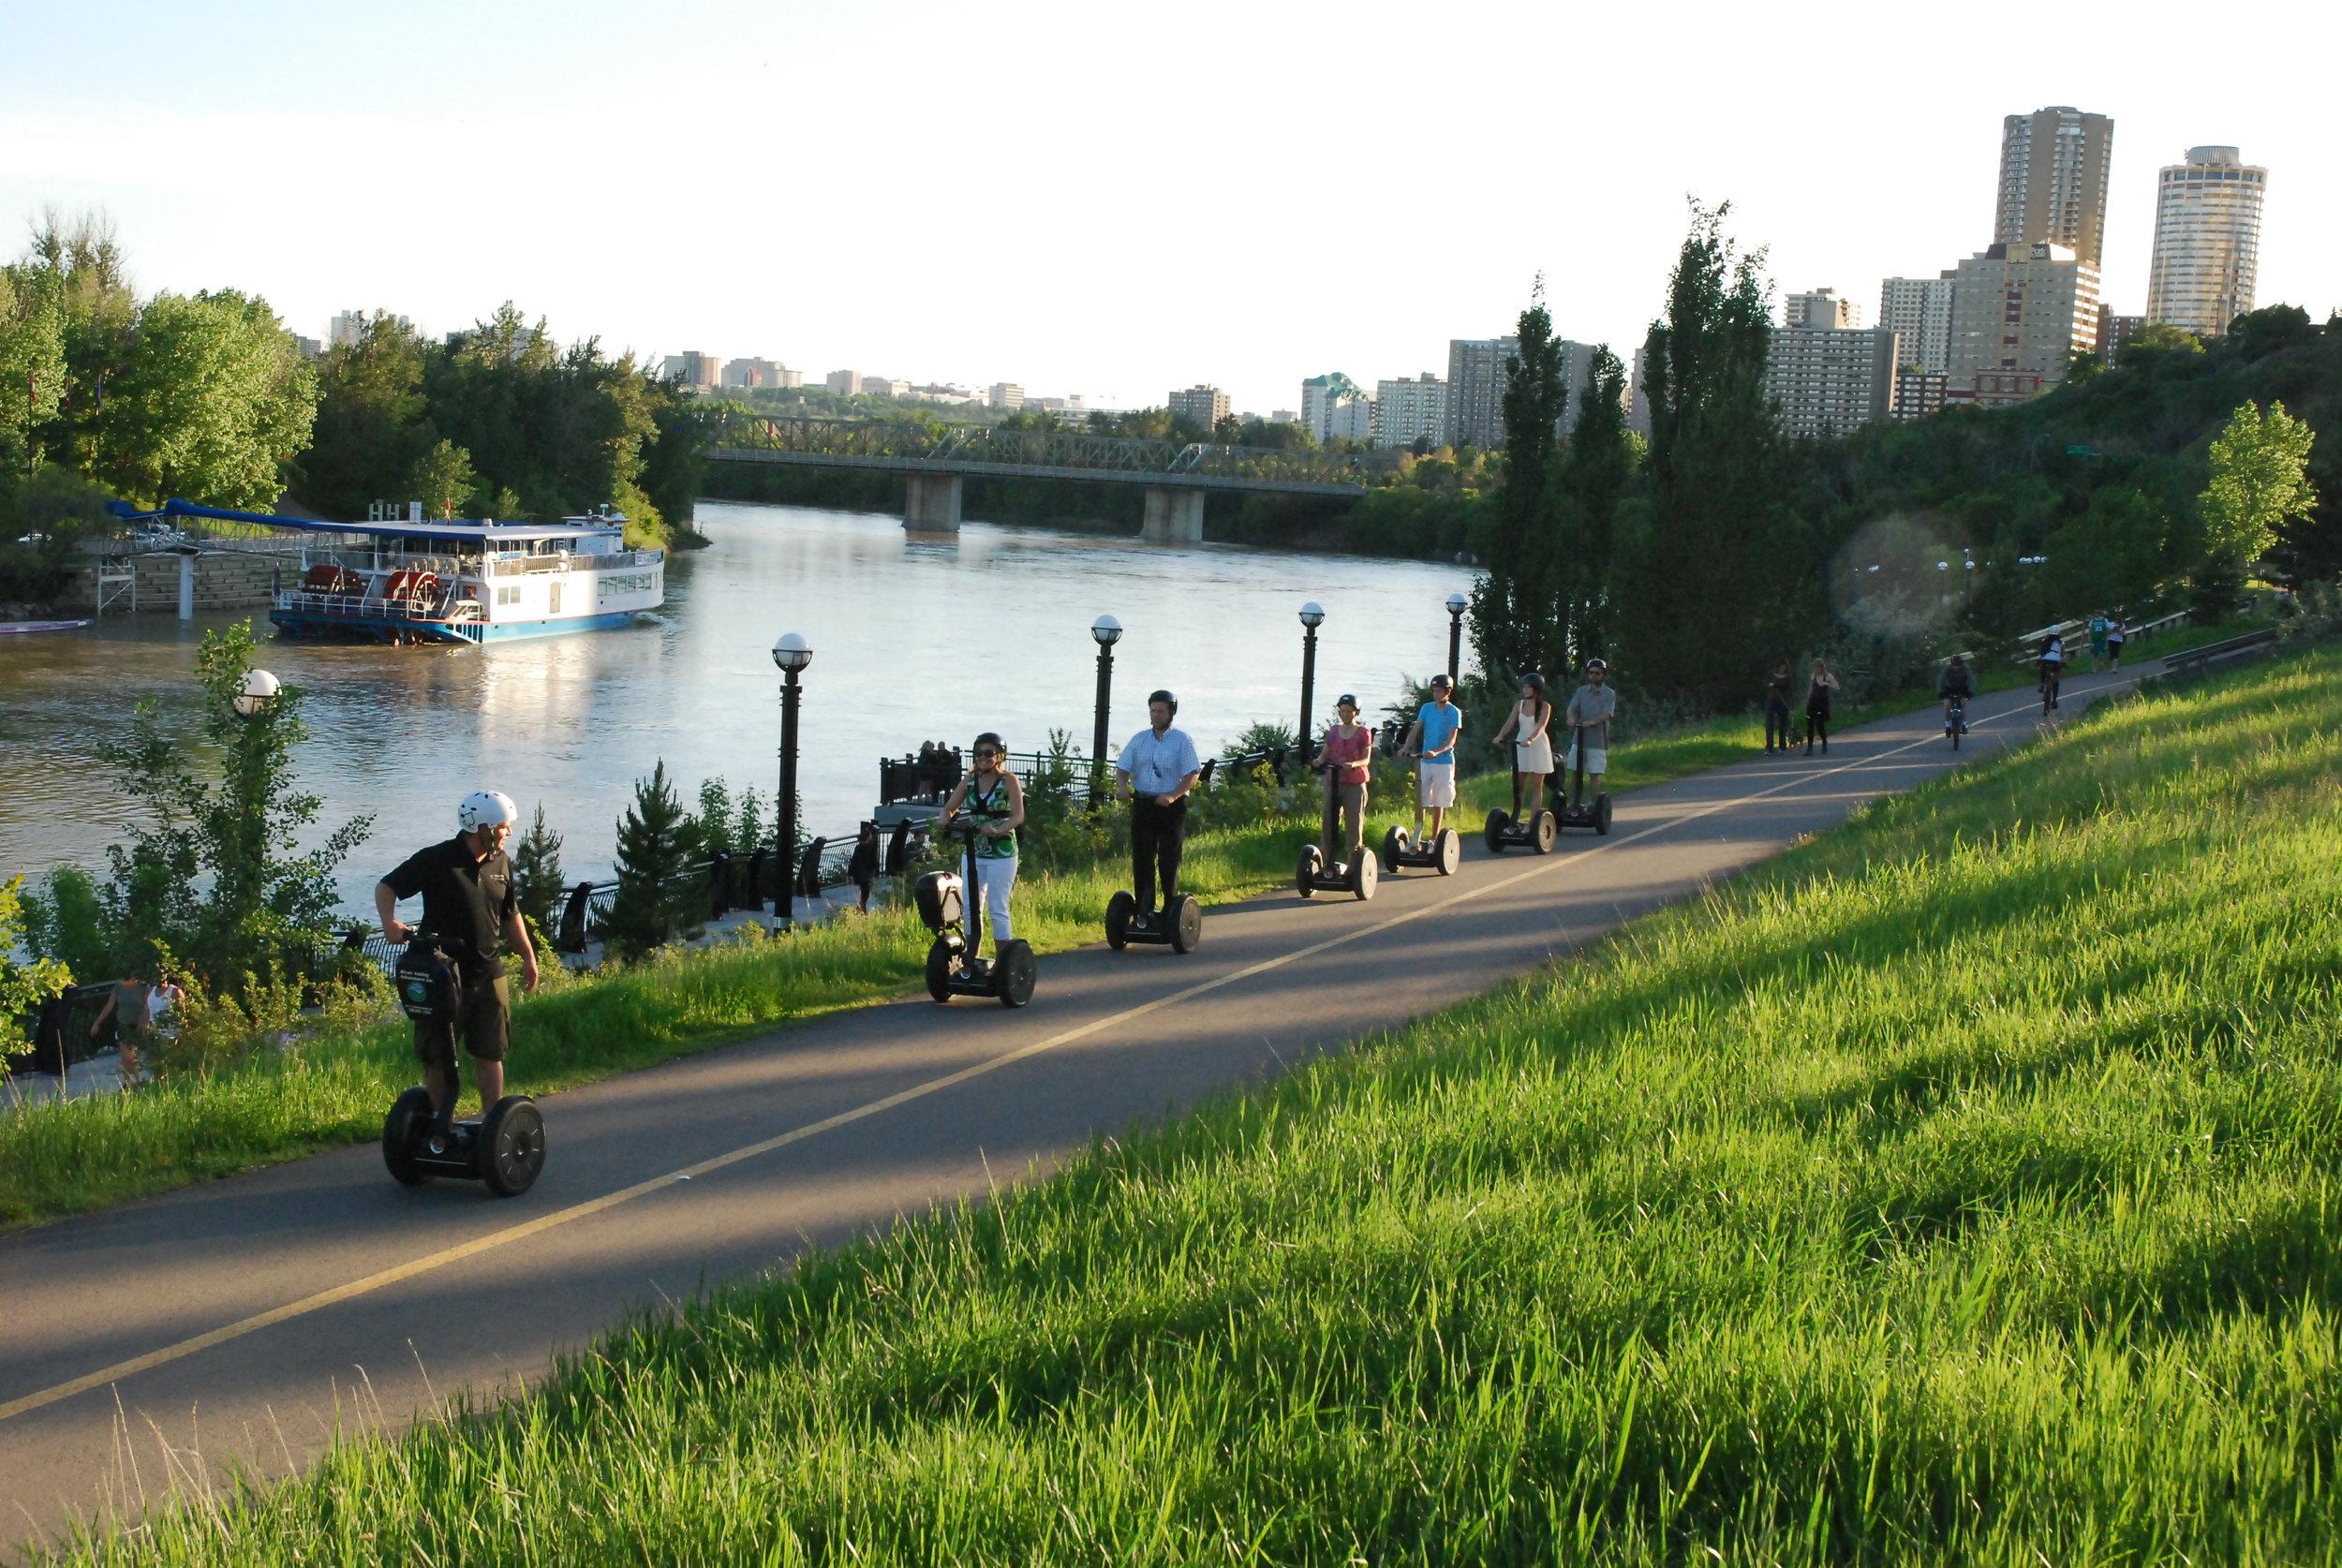 Book a Segway Tour in Edmonton or Calgary